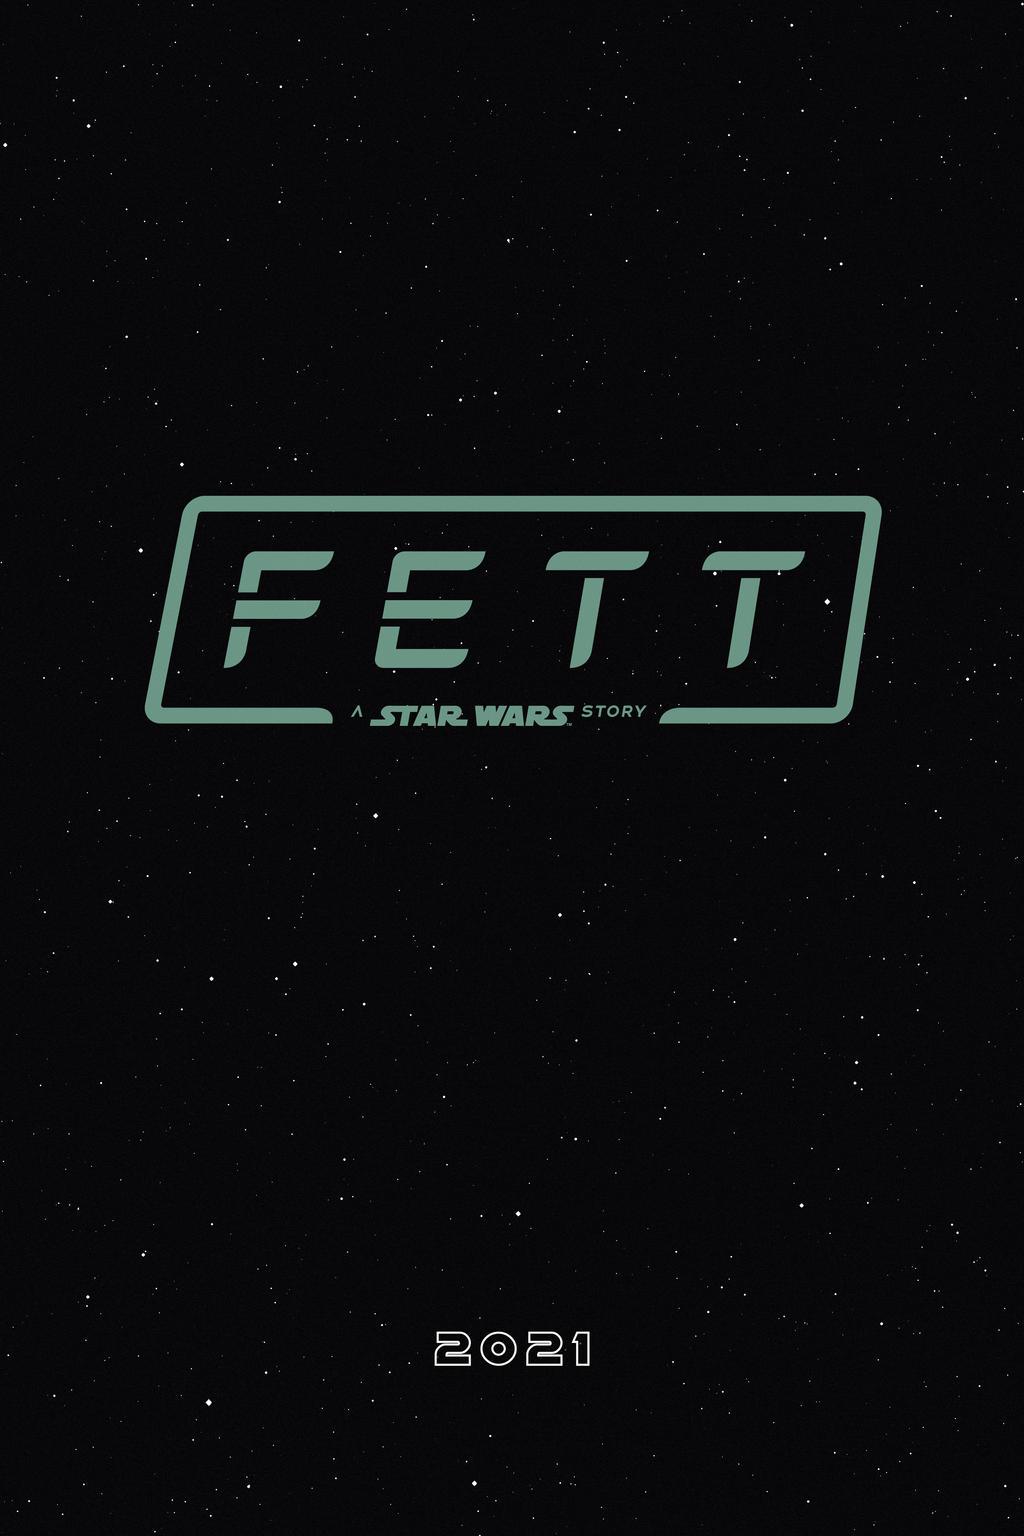 FETT: A Star Wars Story Movie Poster by tyler-wetta